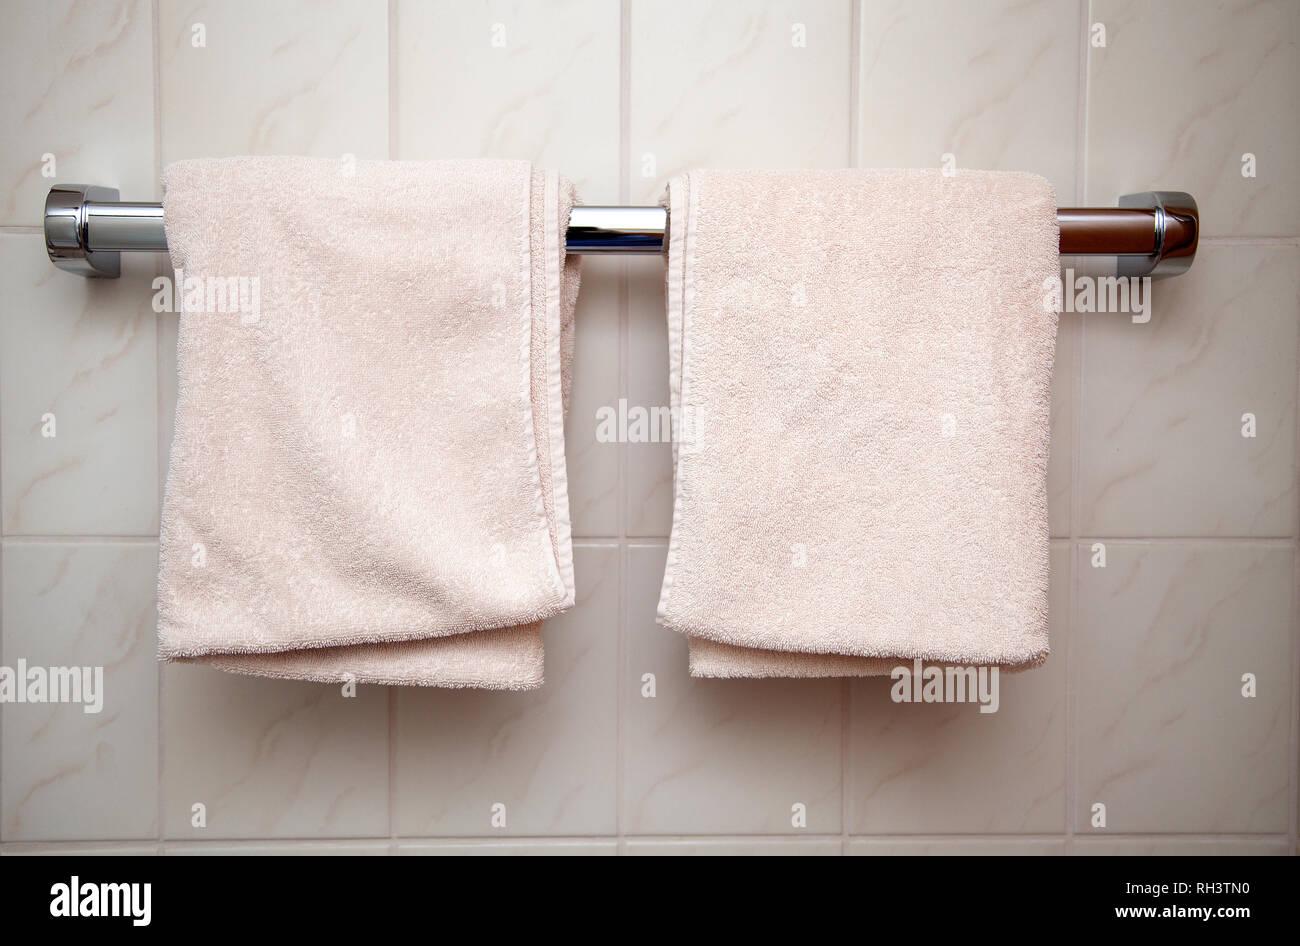 Zwei frische und saubere Handtücher im Badezimmer aufhängen ...